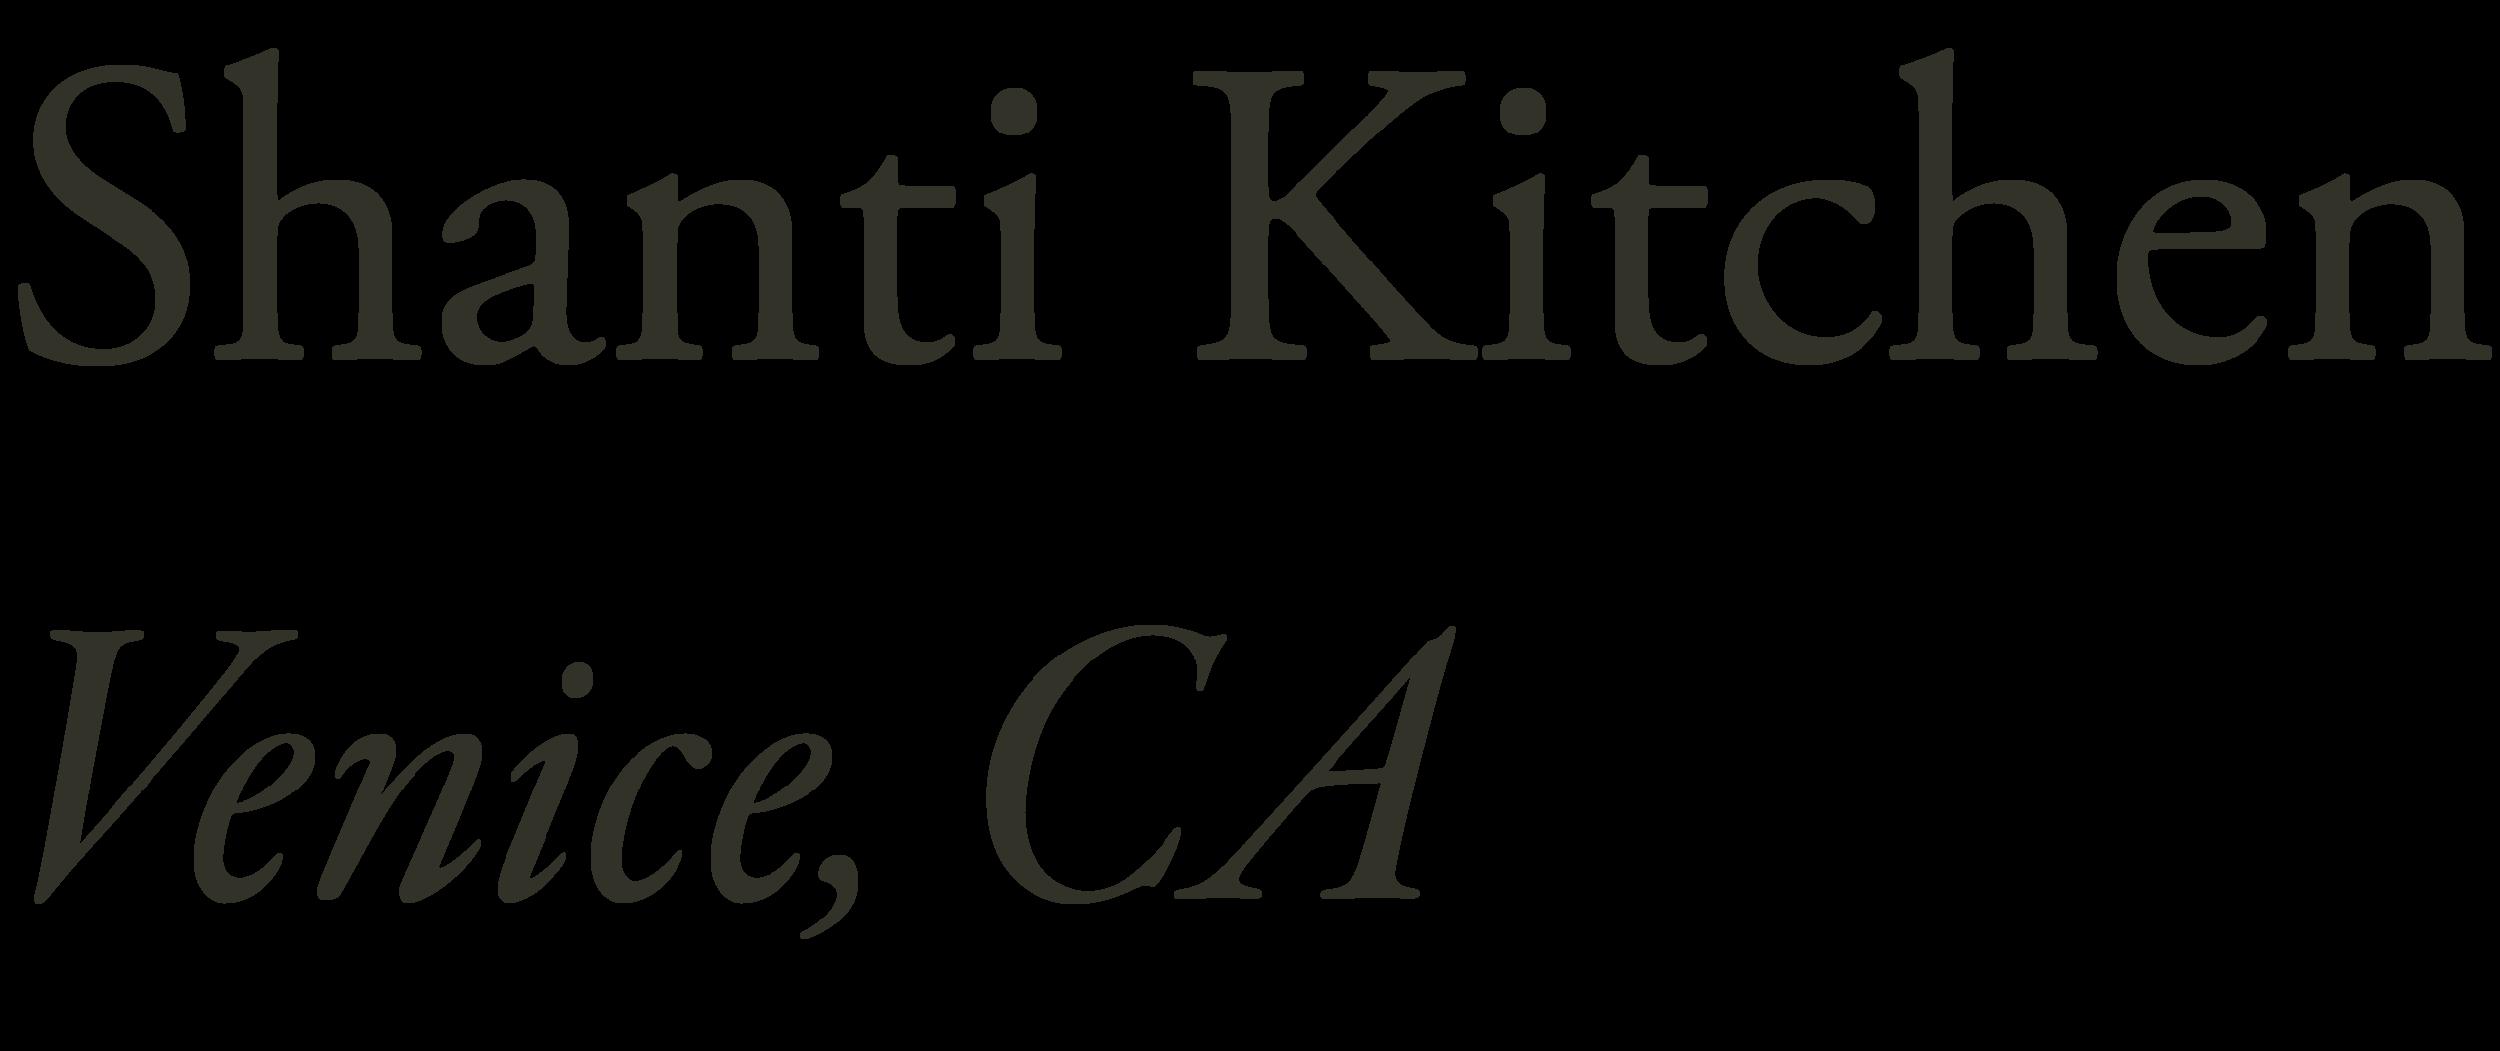 Shanti kitchen new logo 2 copy.png